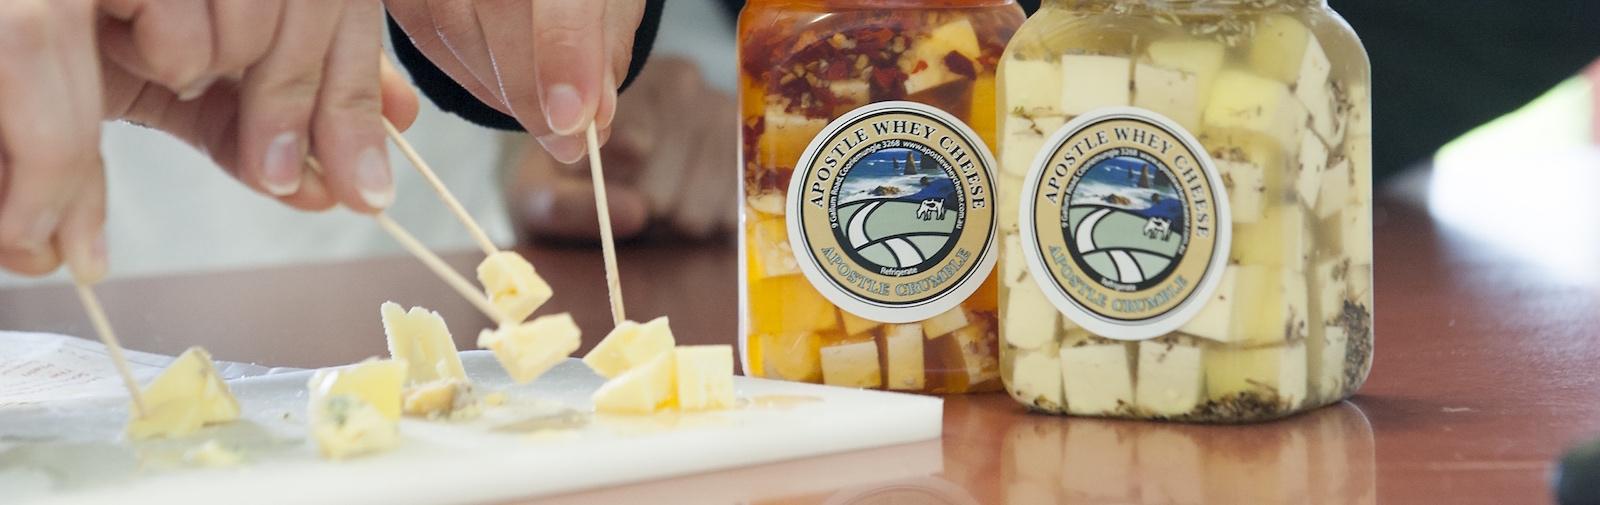 Apostle Whey Cheese Tasting